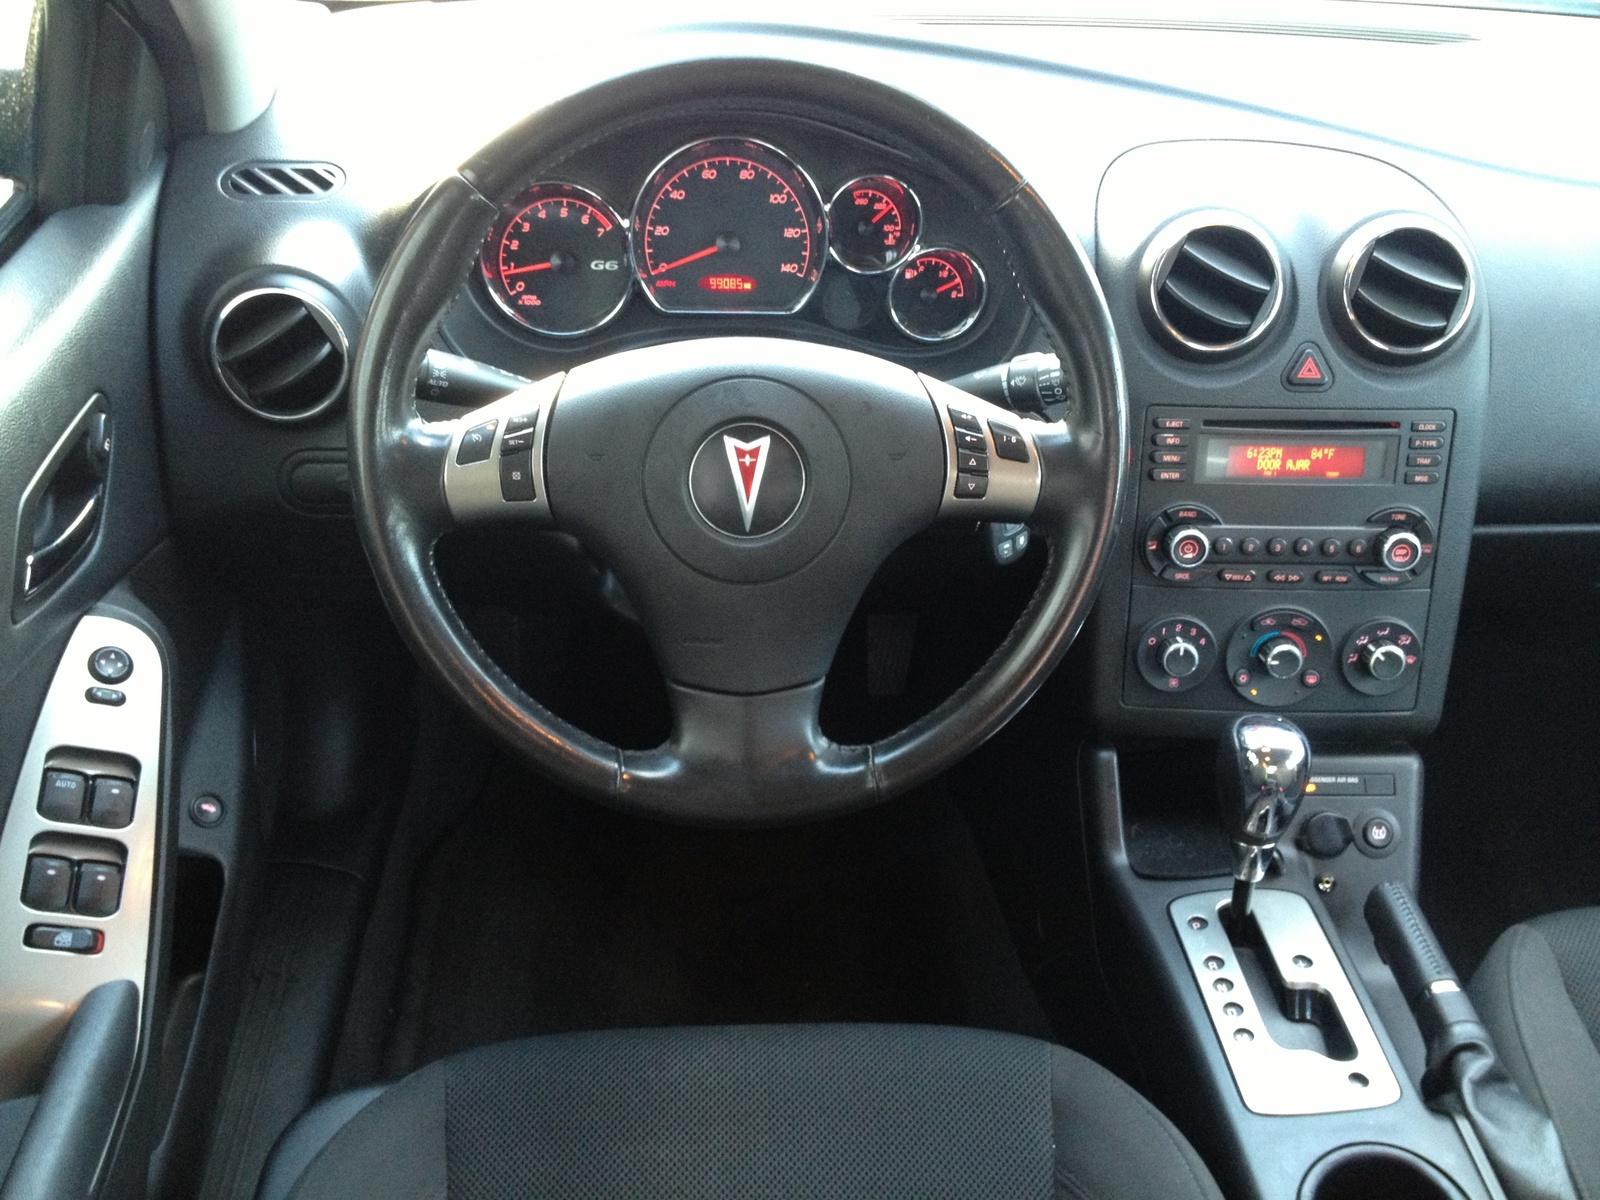 2007 Pontiac G6 Interior Pictures Cargurus